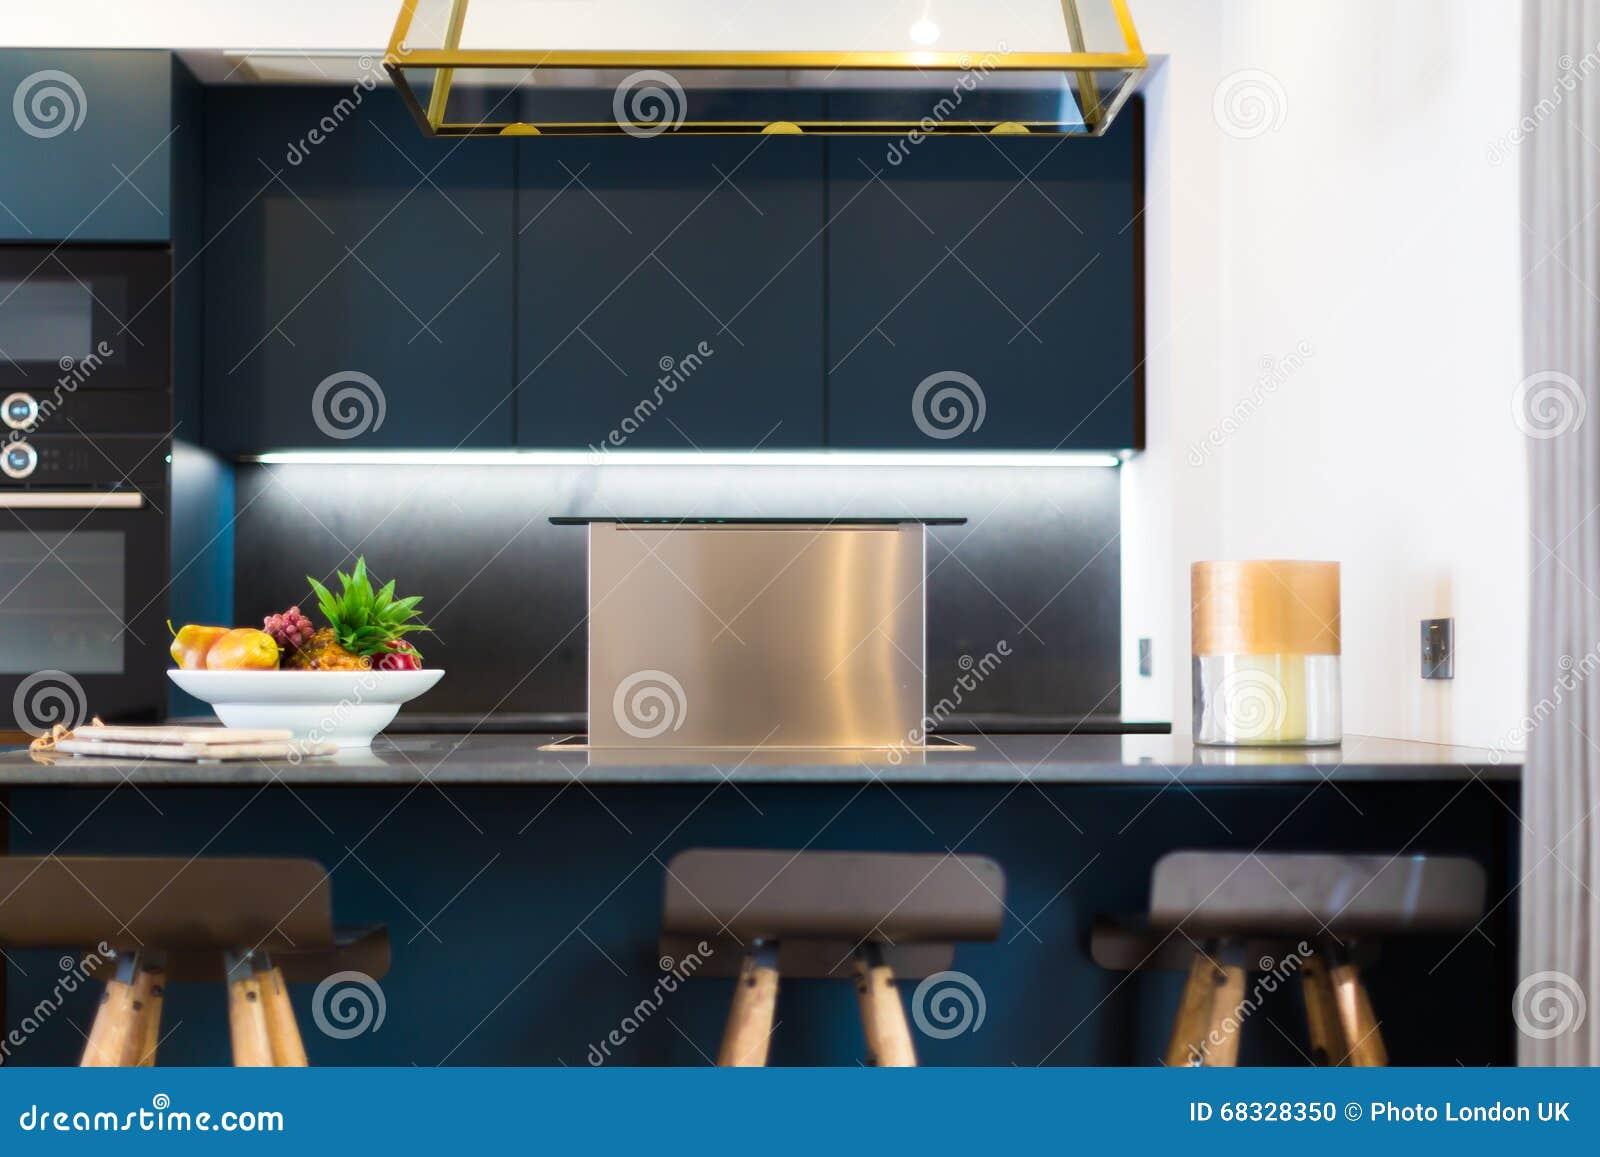 Cappa Da Cucina Moderna Di Misura Fotografia Stock ...